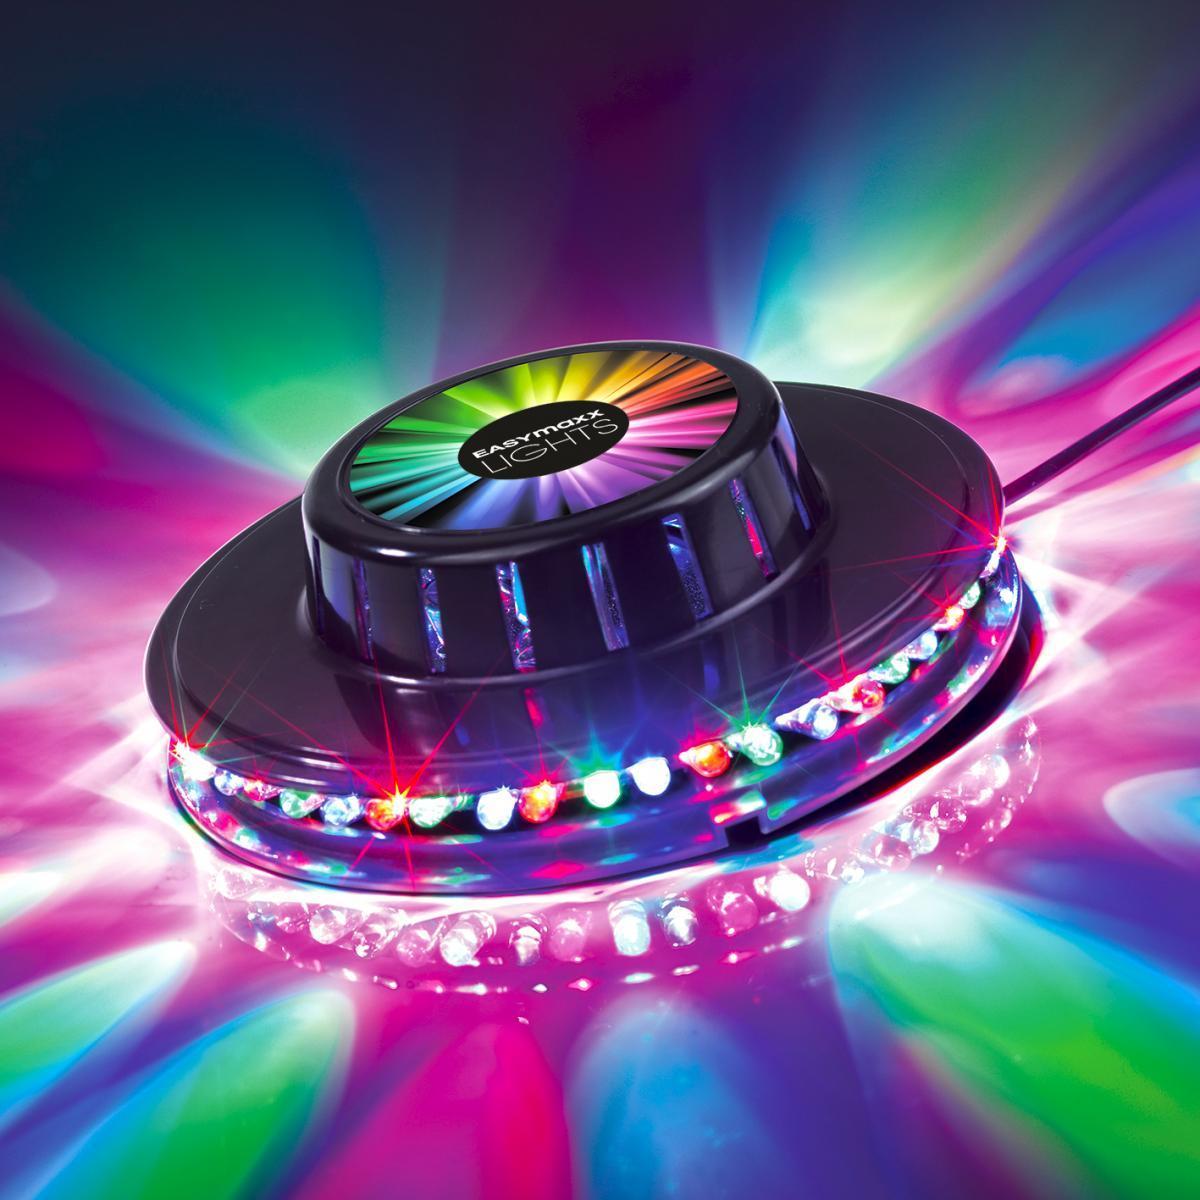 Bild 1 von EASYmaxx LED-Party-Lichtrad Galaxy 5W schwarz